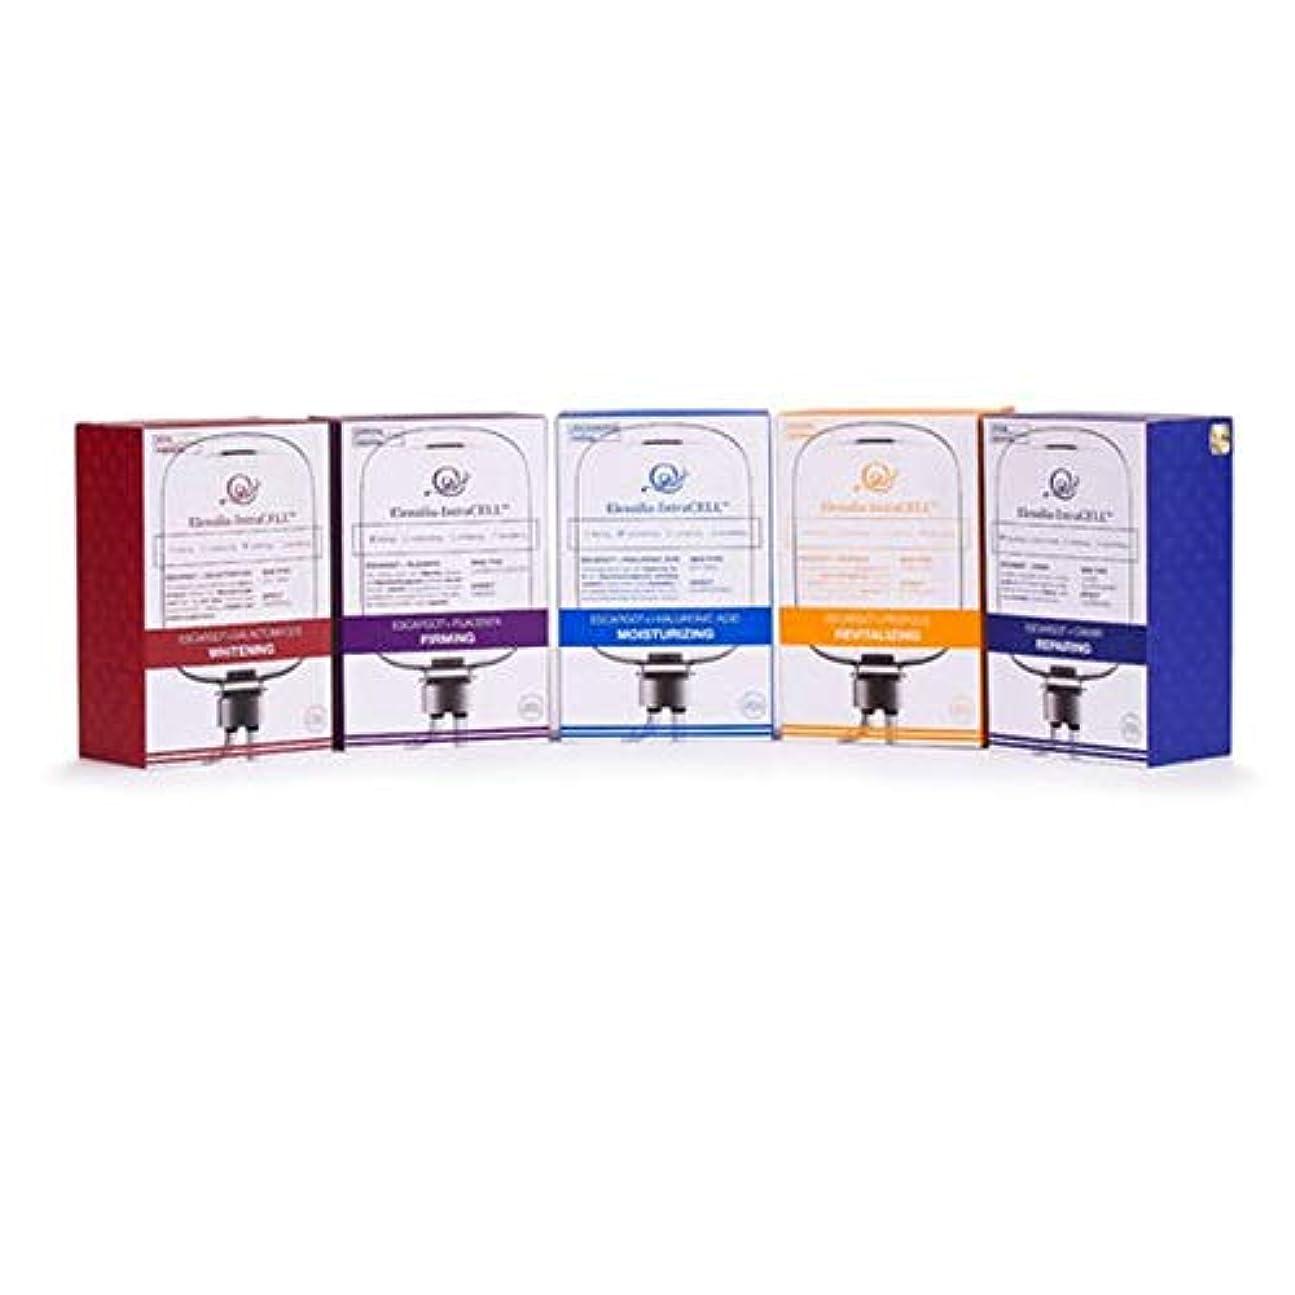 白いメタルラインパイル(エレンシルラ) Elensilia 韓国人気パック イントラセル シートマスク 100枚セット (並行輸入品)